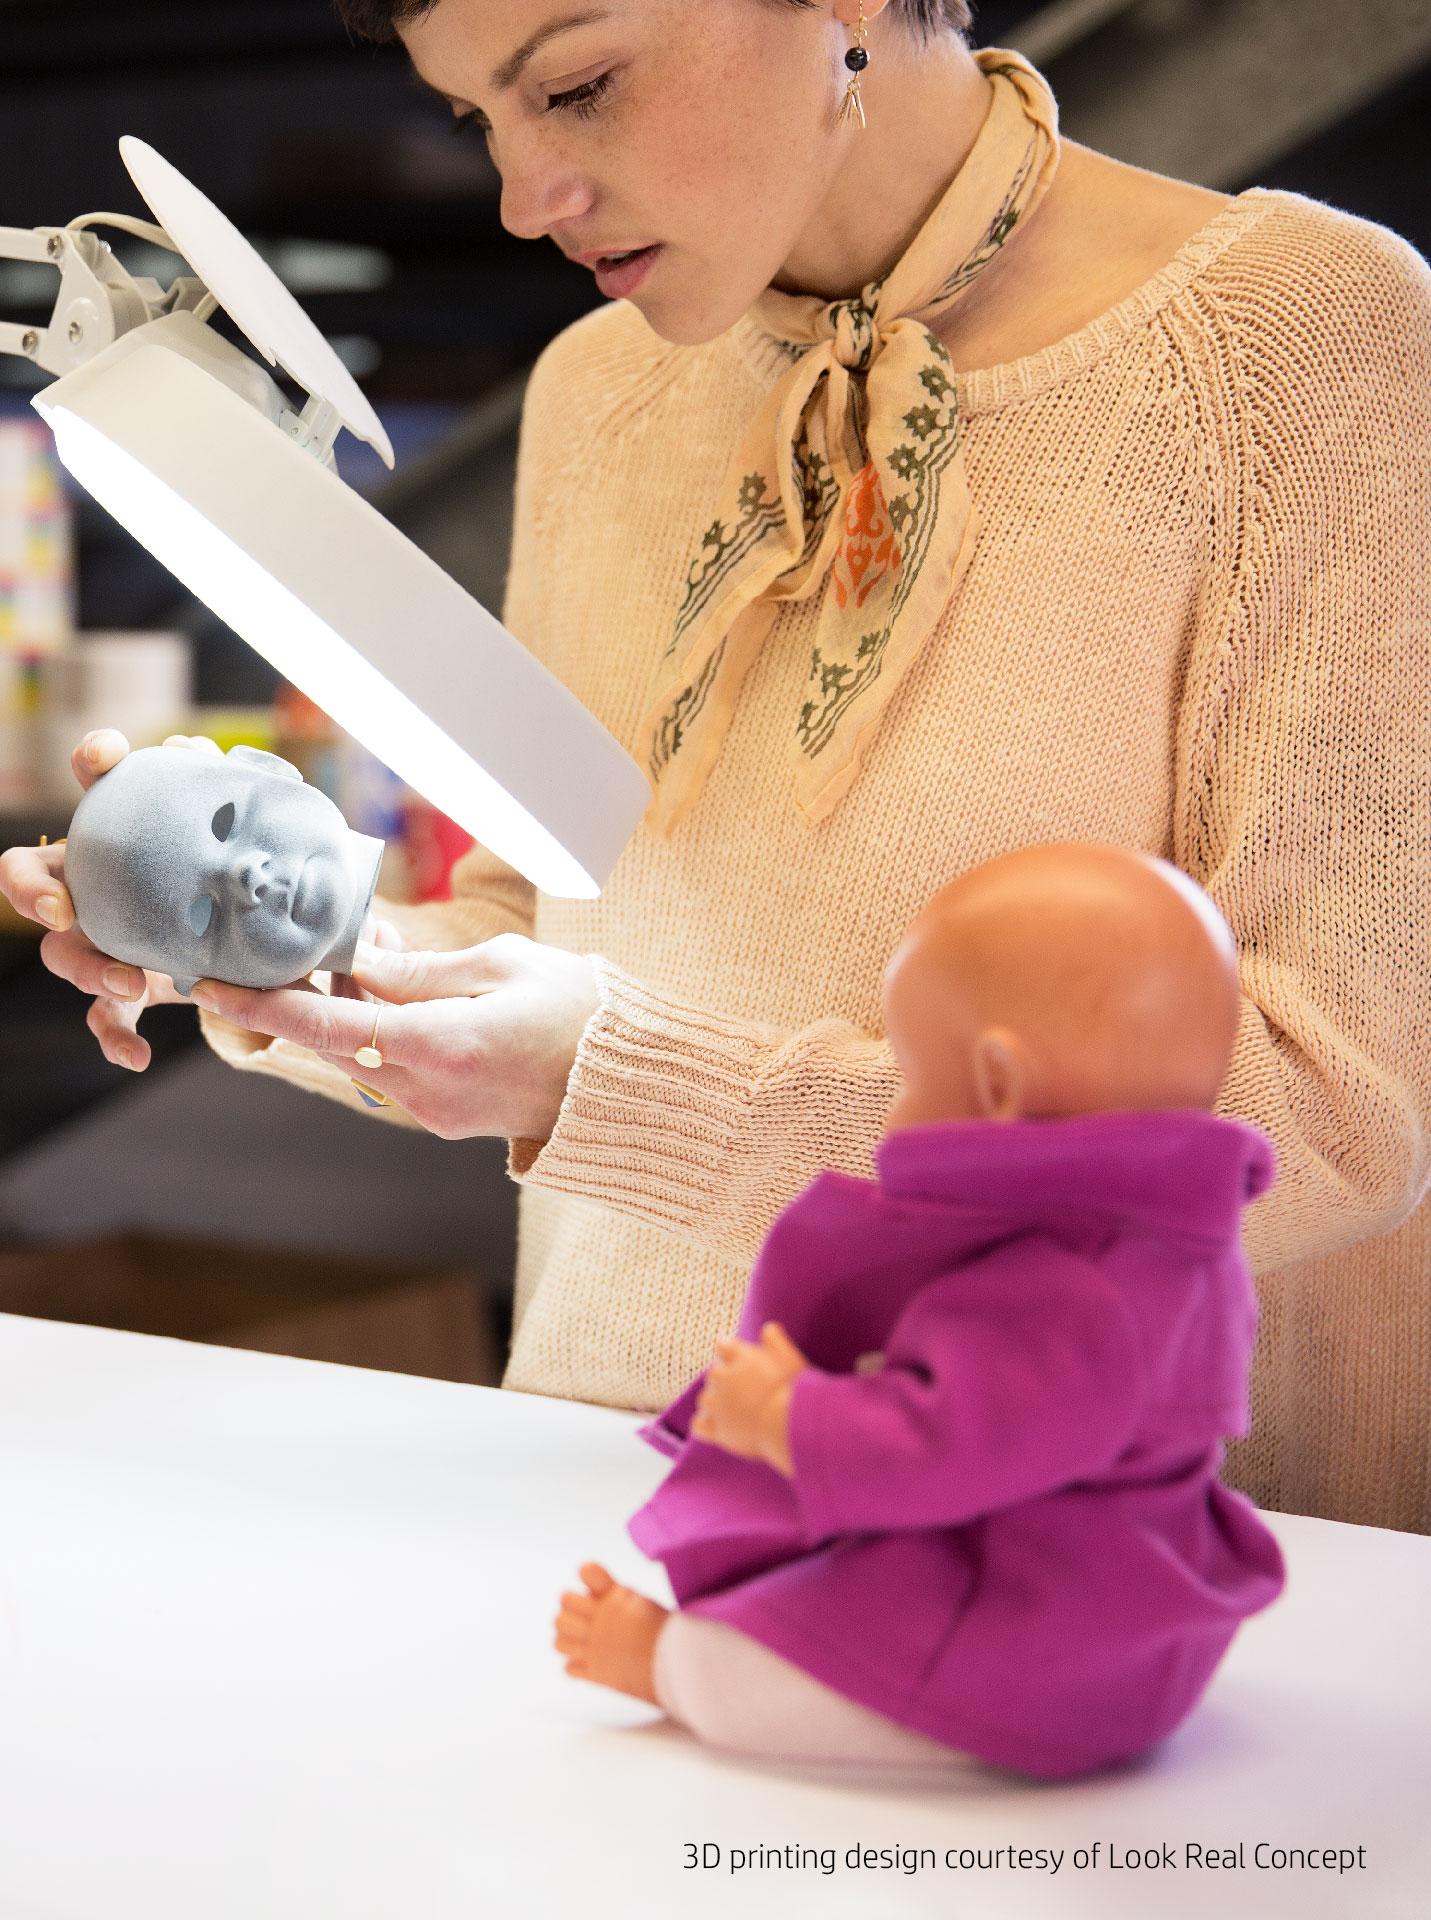 Kinderpuppe mit individuell gedrucktem Gesicht durch 3D Druck mit HP